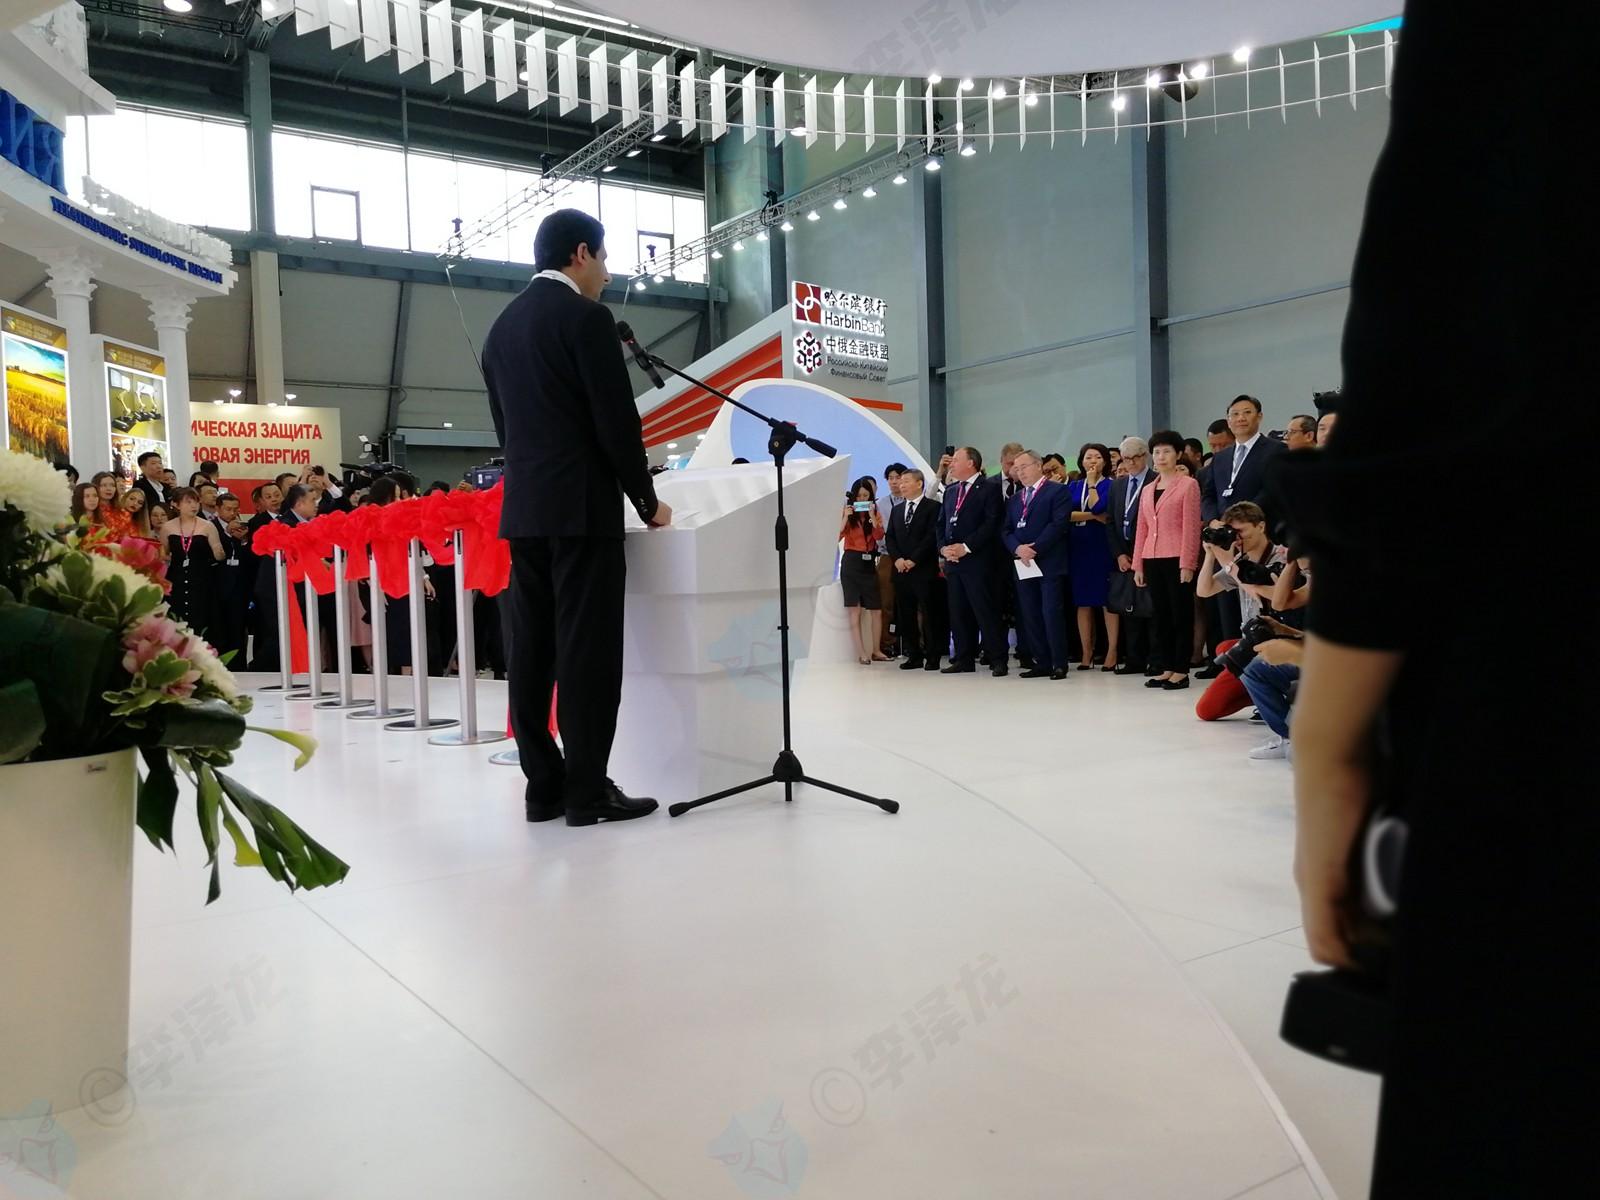 参加俄罗斯工业博览会(俄罗斯创新工业展)是什么体验?插图27-小狮座俄罗斯留学